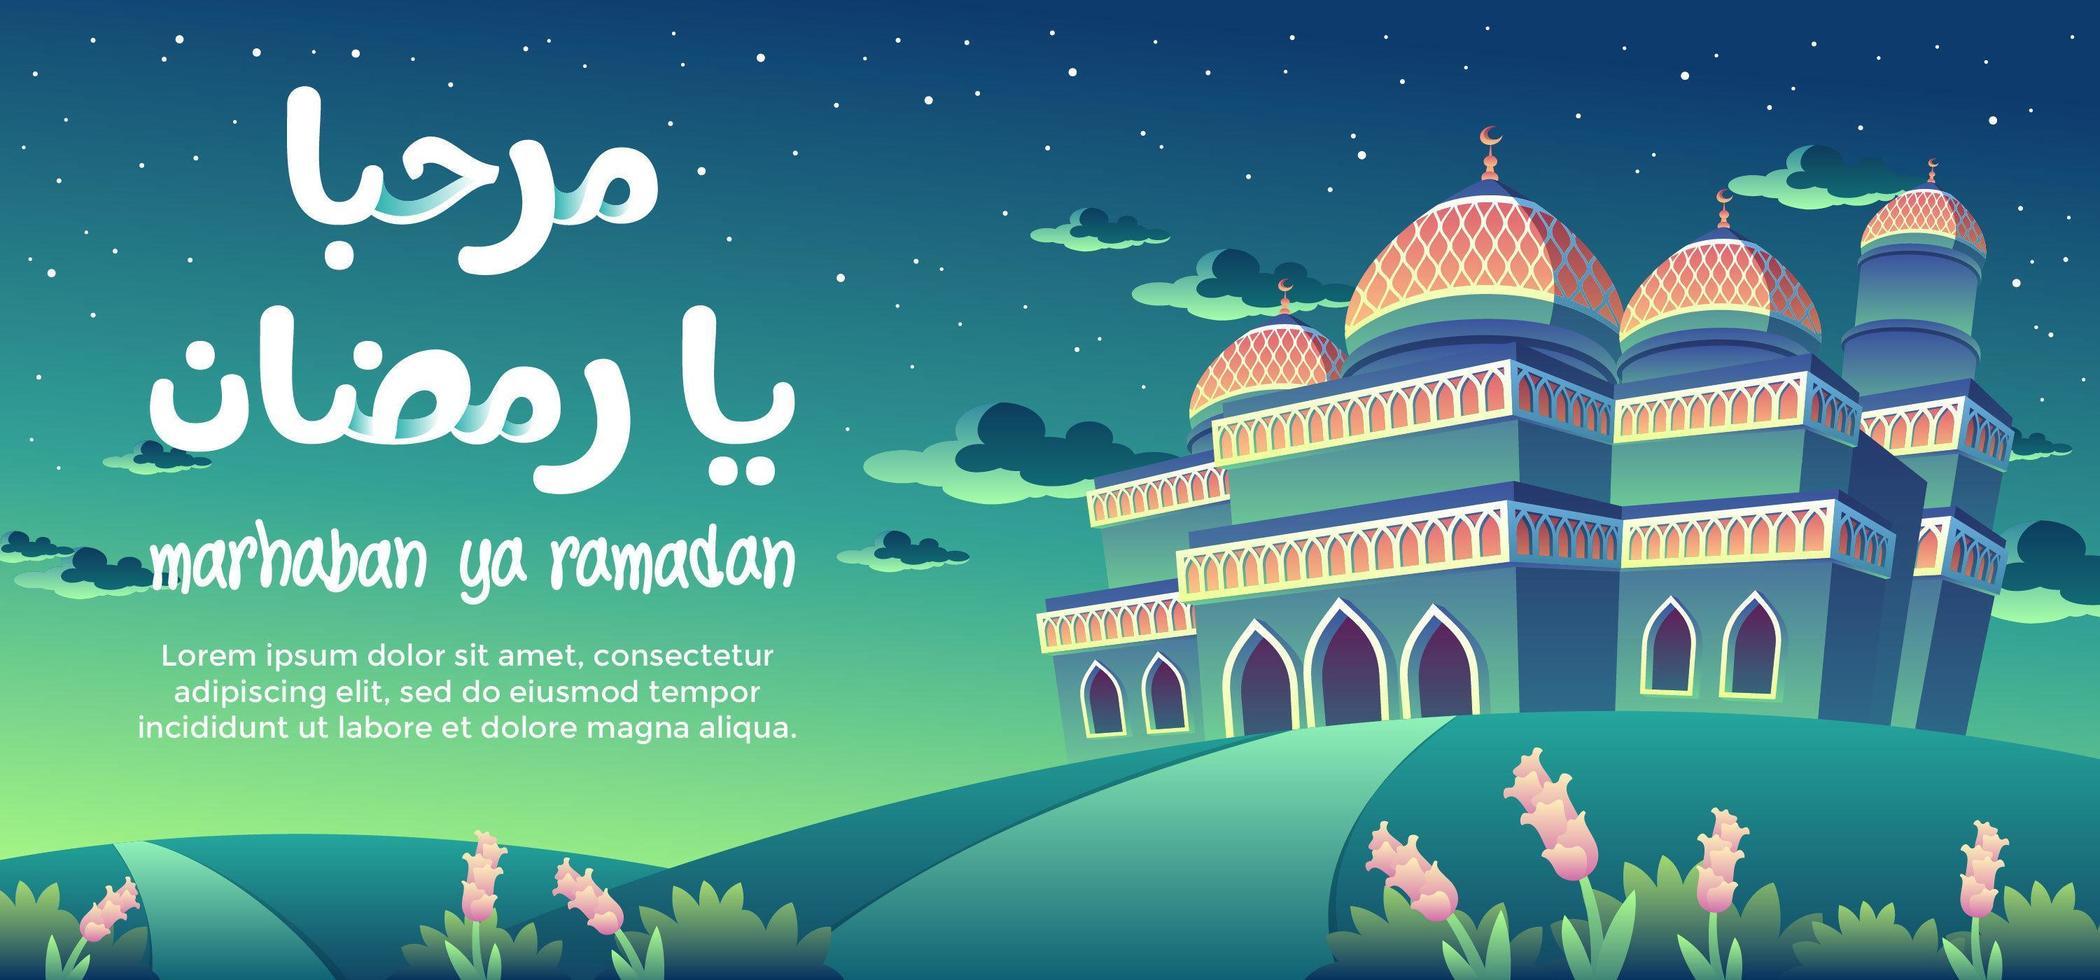 Marhaban Ya Ramadan Con Il Modello Arancione Moschea Verde Di Notte vettore